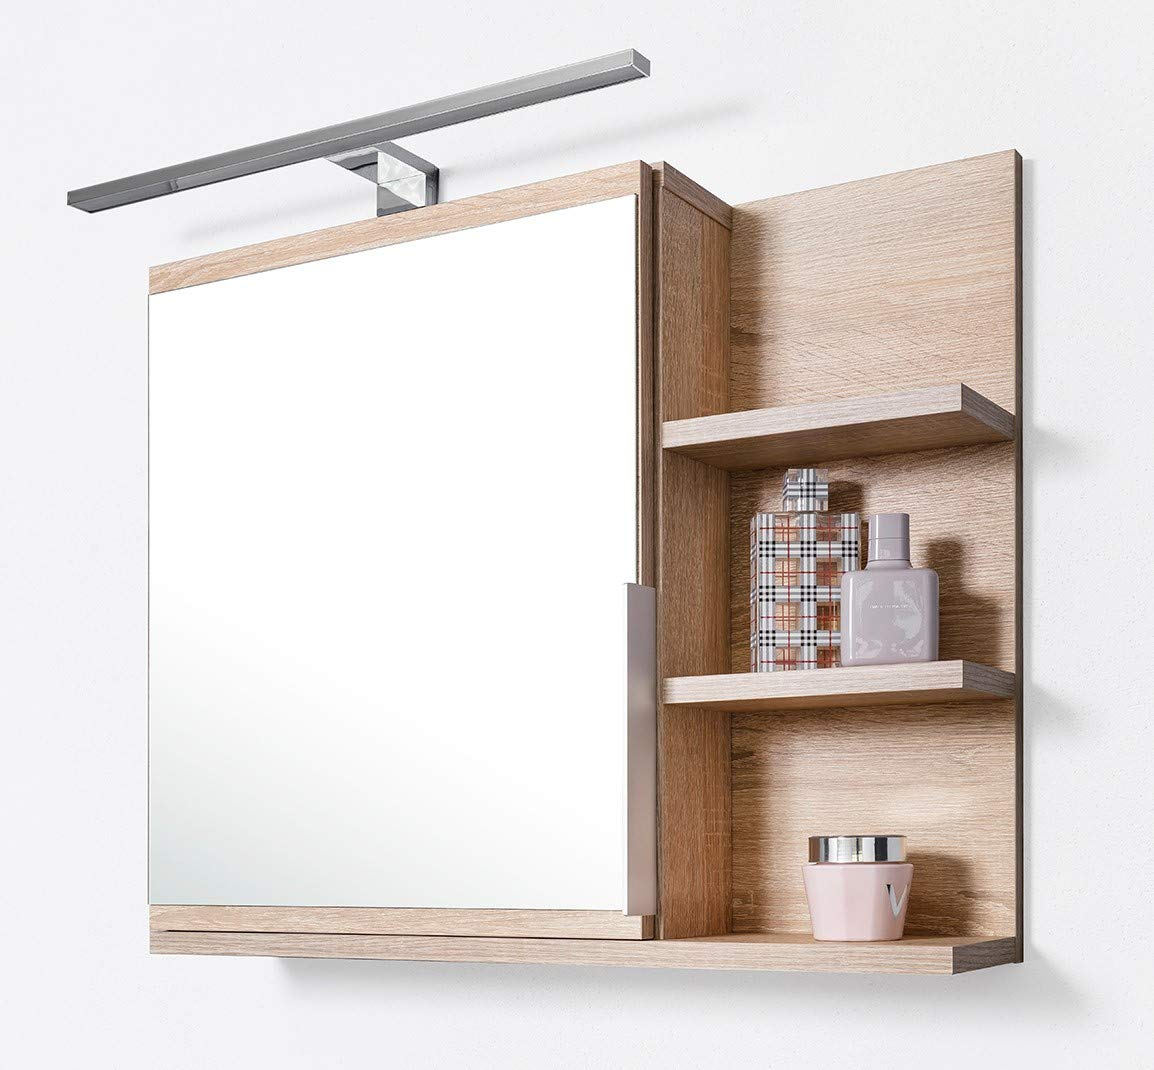 Domtech Badezimmer Spiegelschrank Mit Ablagen Und Led Beleuchtung